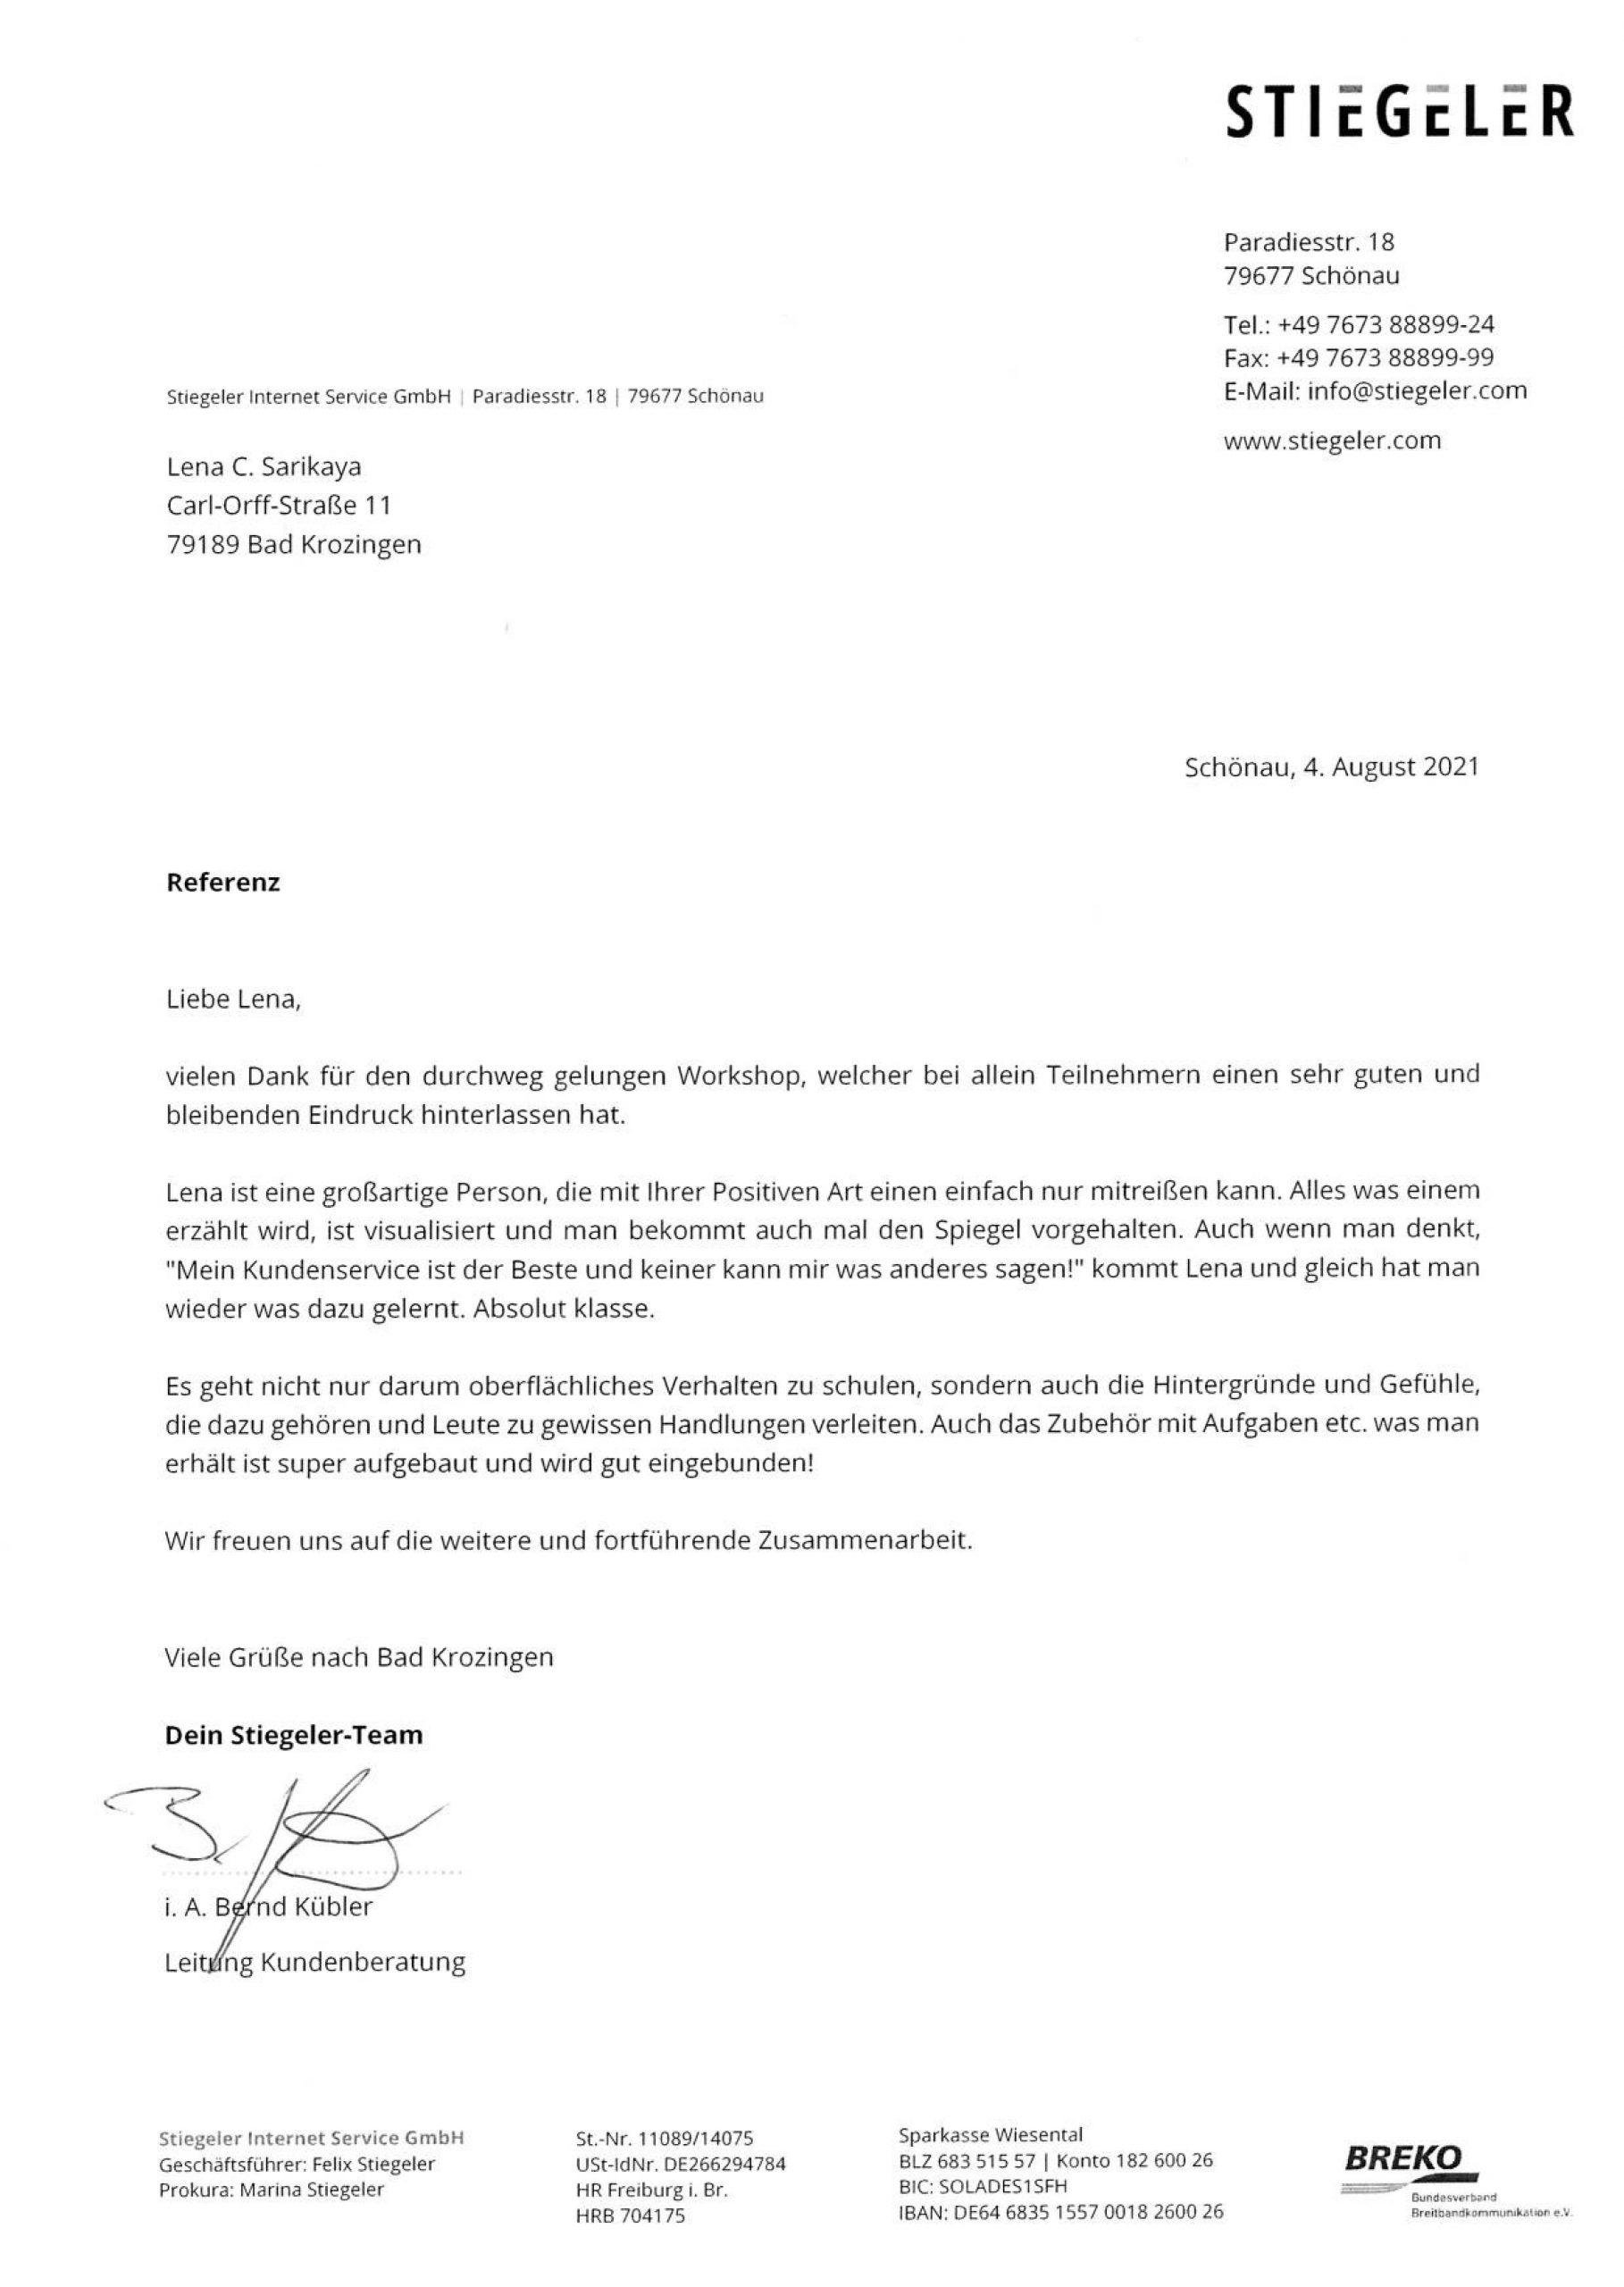 Bild Referenz Stiegeler Internet Service GmbH